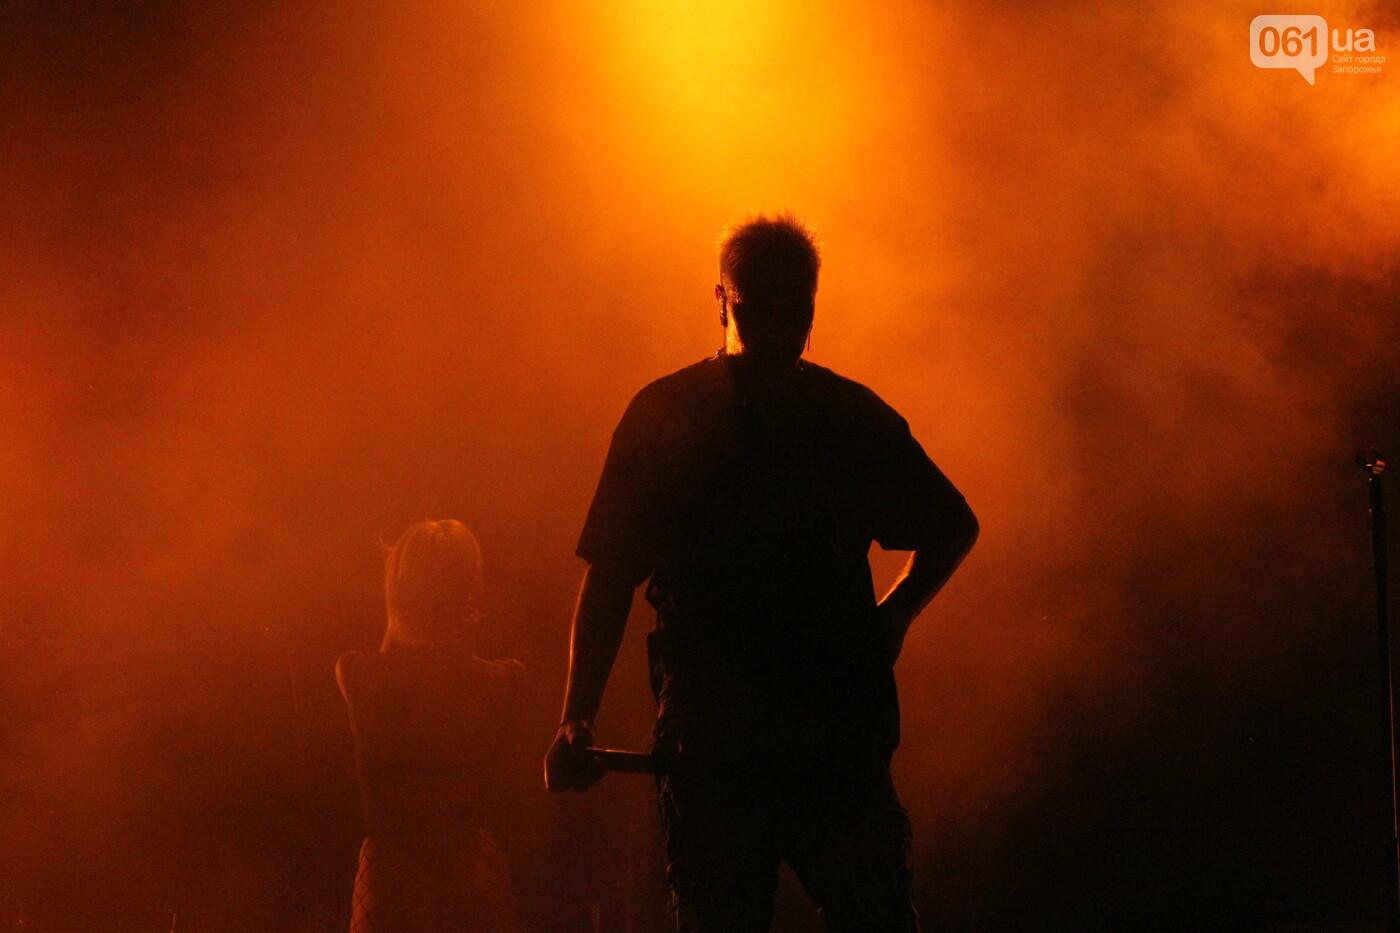 Макс Барских, «АГОНЬ» и TAYANNA: как в Запорожье прошел фестиваль «Пляжный Бум», – ФОТОРЕПОРТАЖ, фото-49